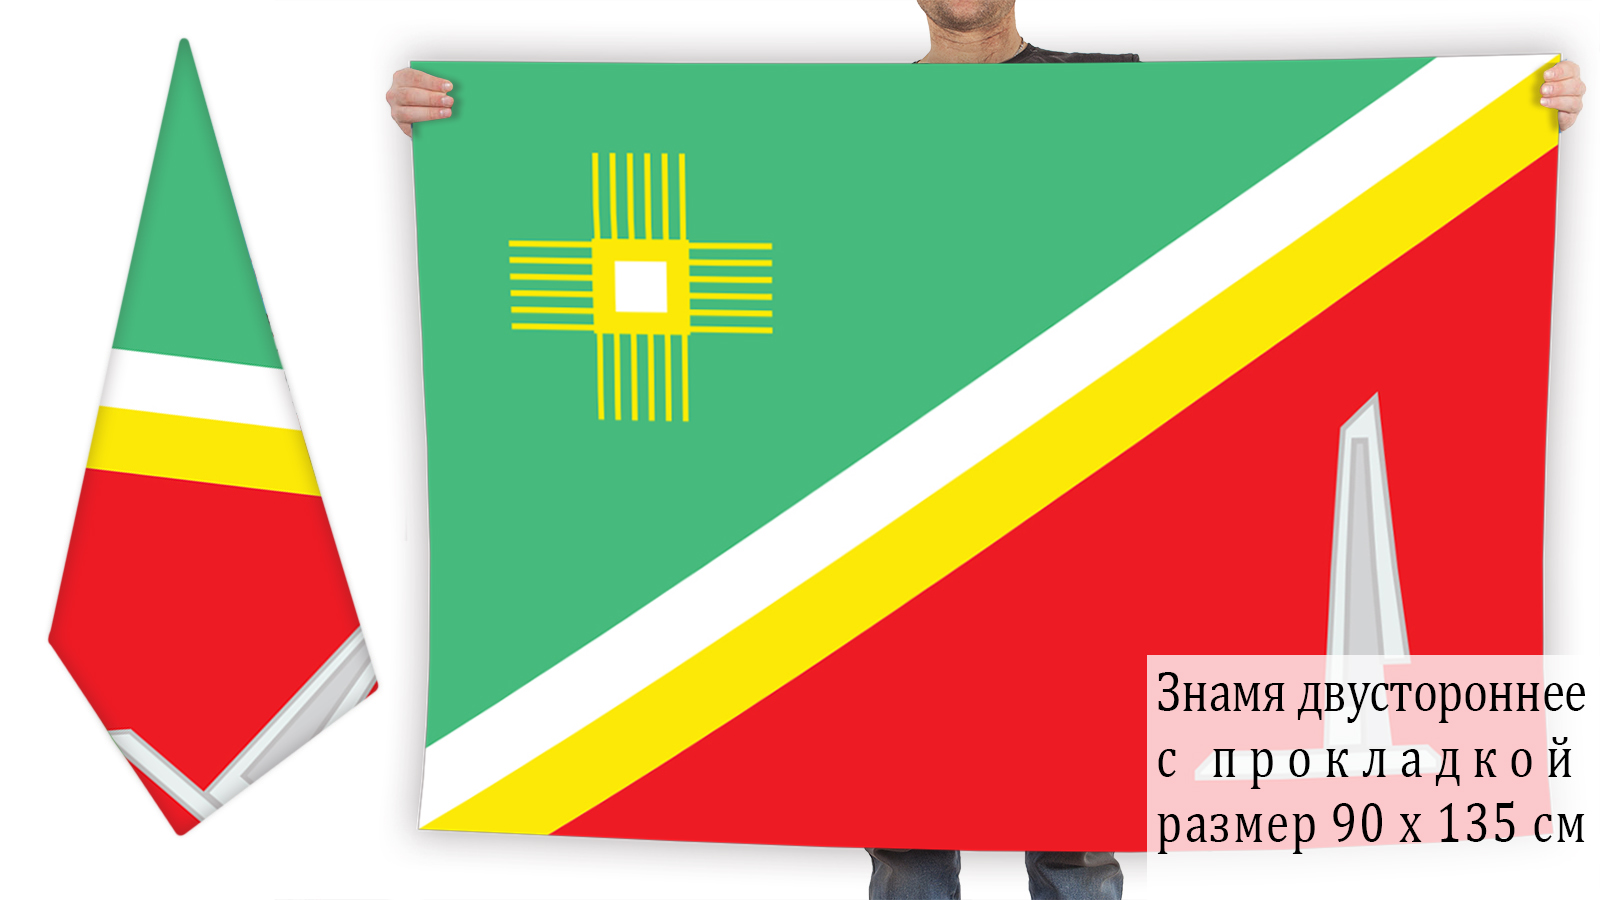 Двусторонний флаг Зеленограда